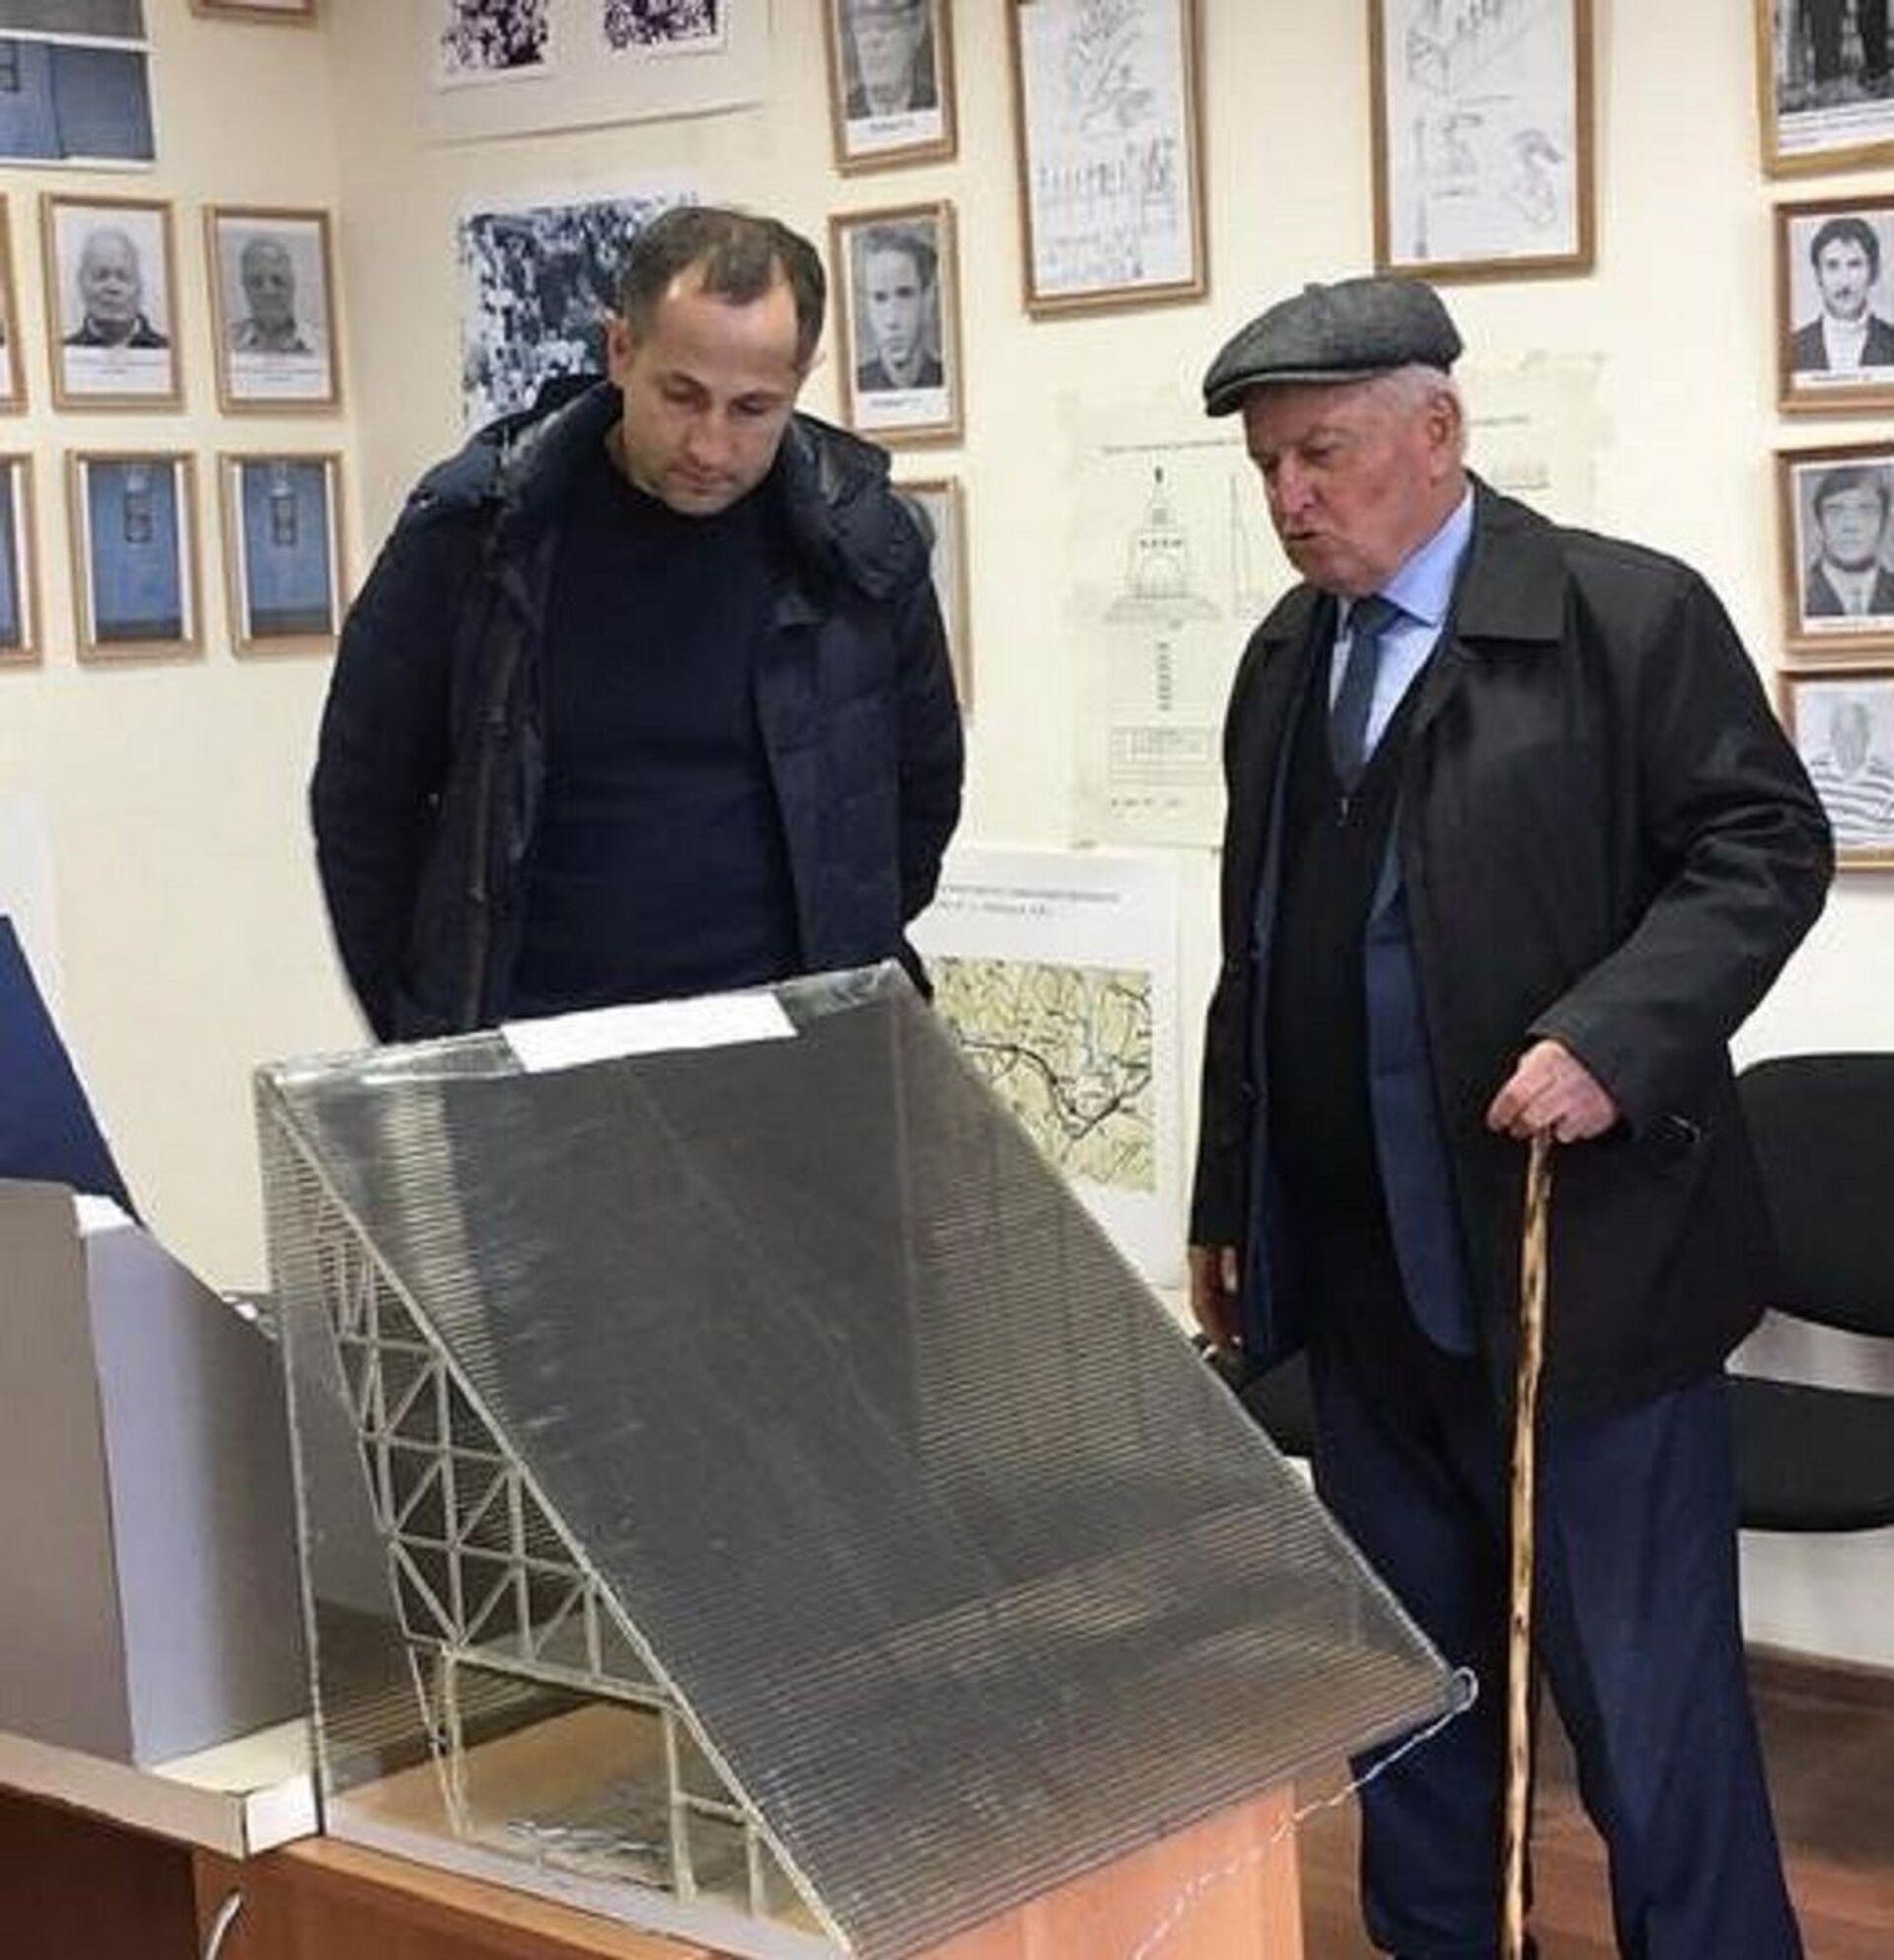 Премьер-министр РЮО Геннадий Бекоев (слева) и проректор СКГМИ Тимур Гудиев в музее Транскама - Sputnik Хуссар Ирыстон, 1920, 26.10.2021